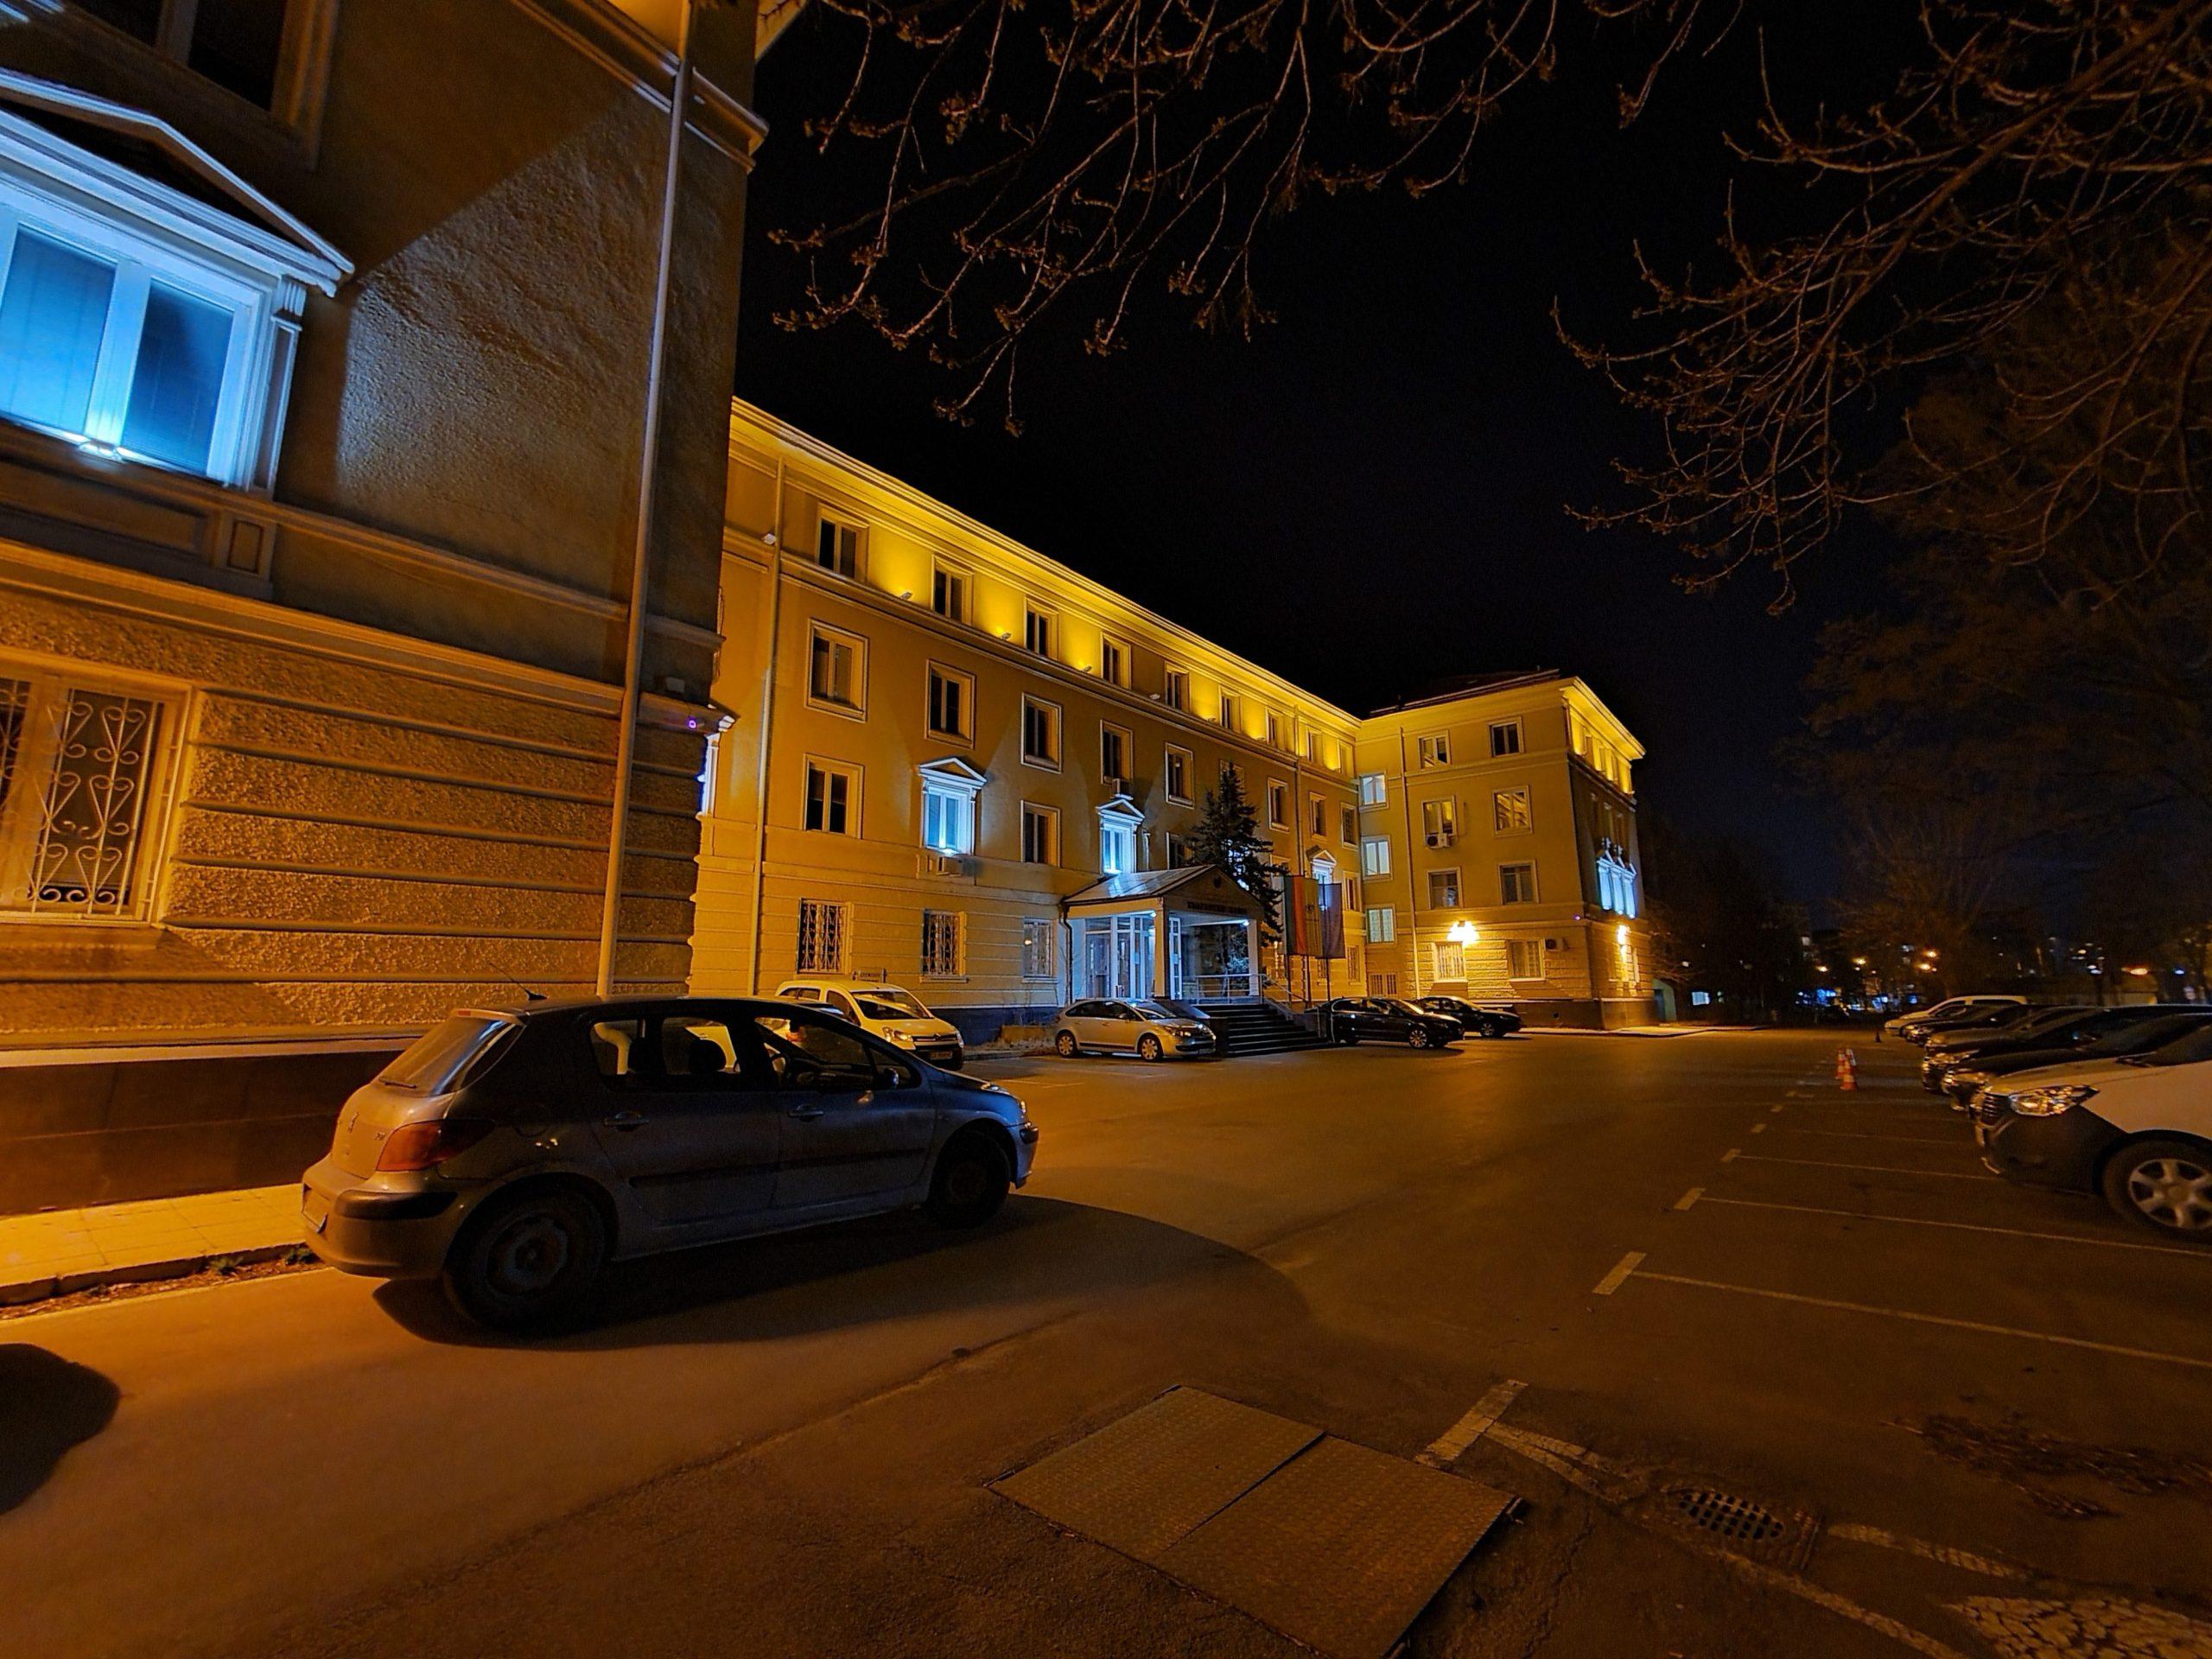 دوربین فوق عریض در شب با زوم 0.5 برابر با Night mode scaled